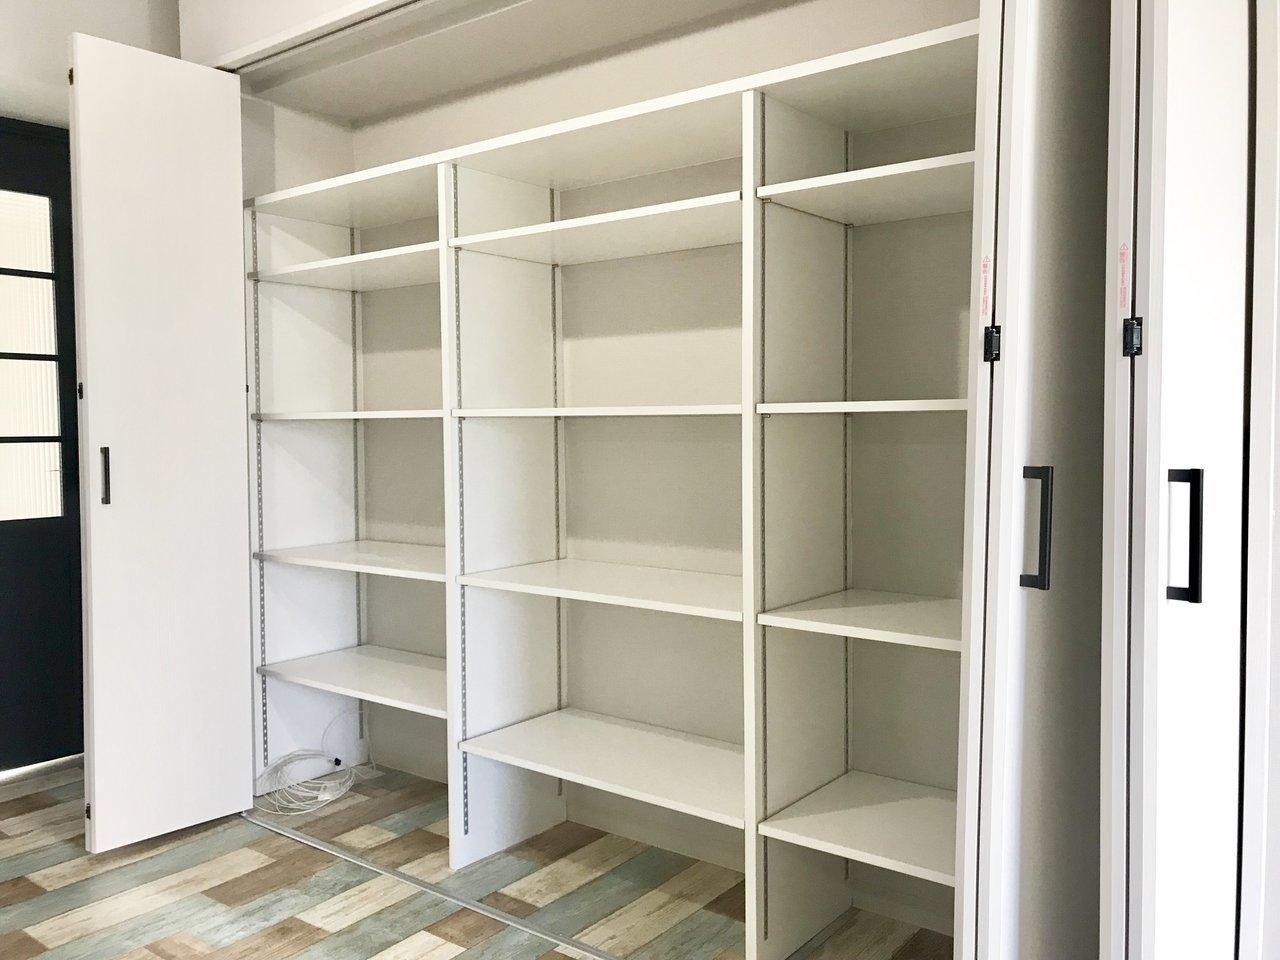 リビングにある収納スペースはこんなに広々!仕切りをうまく活用して荷物を入れていきましょう。さらに寝室奥にはウォークインクローゼットもあります。こちらは洋服をしまう、など使い分けるといいですね。